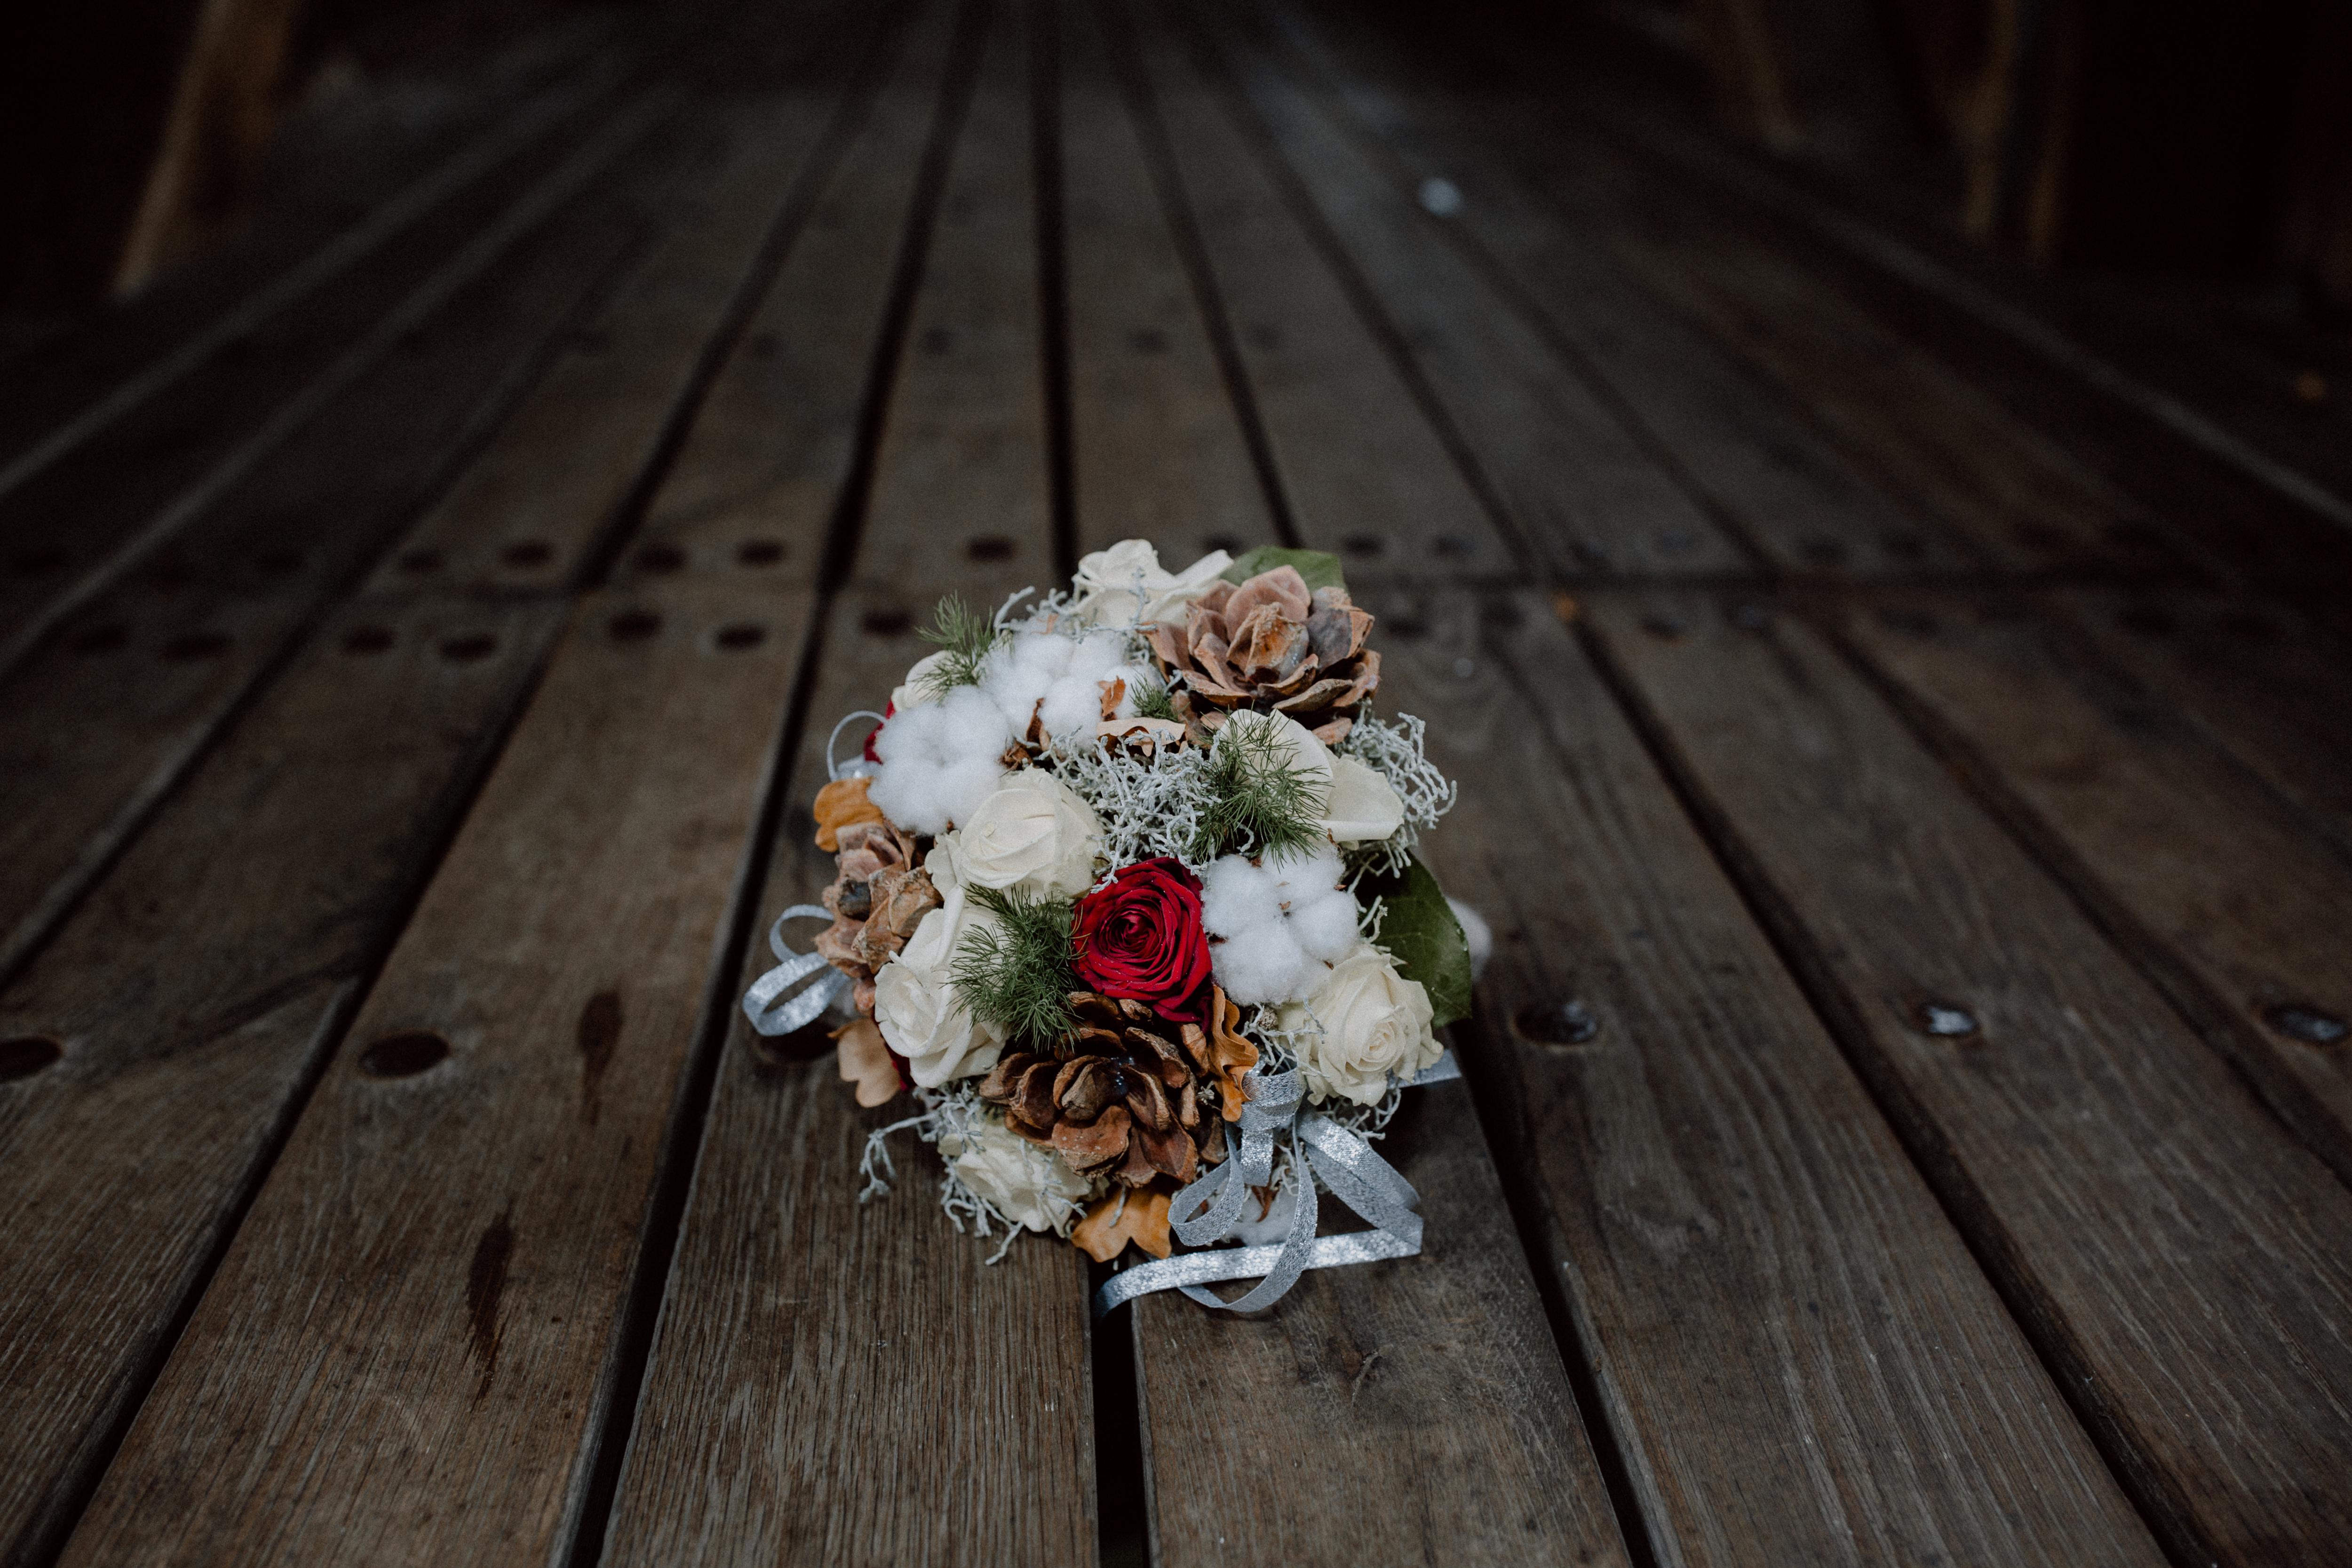 URBANERIE_Daniela_Goth_Hochzeitsfotografin_Nürnberg_Fürth_Erlangen_Schwabach_171110_0604